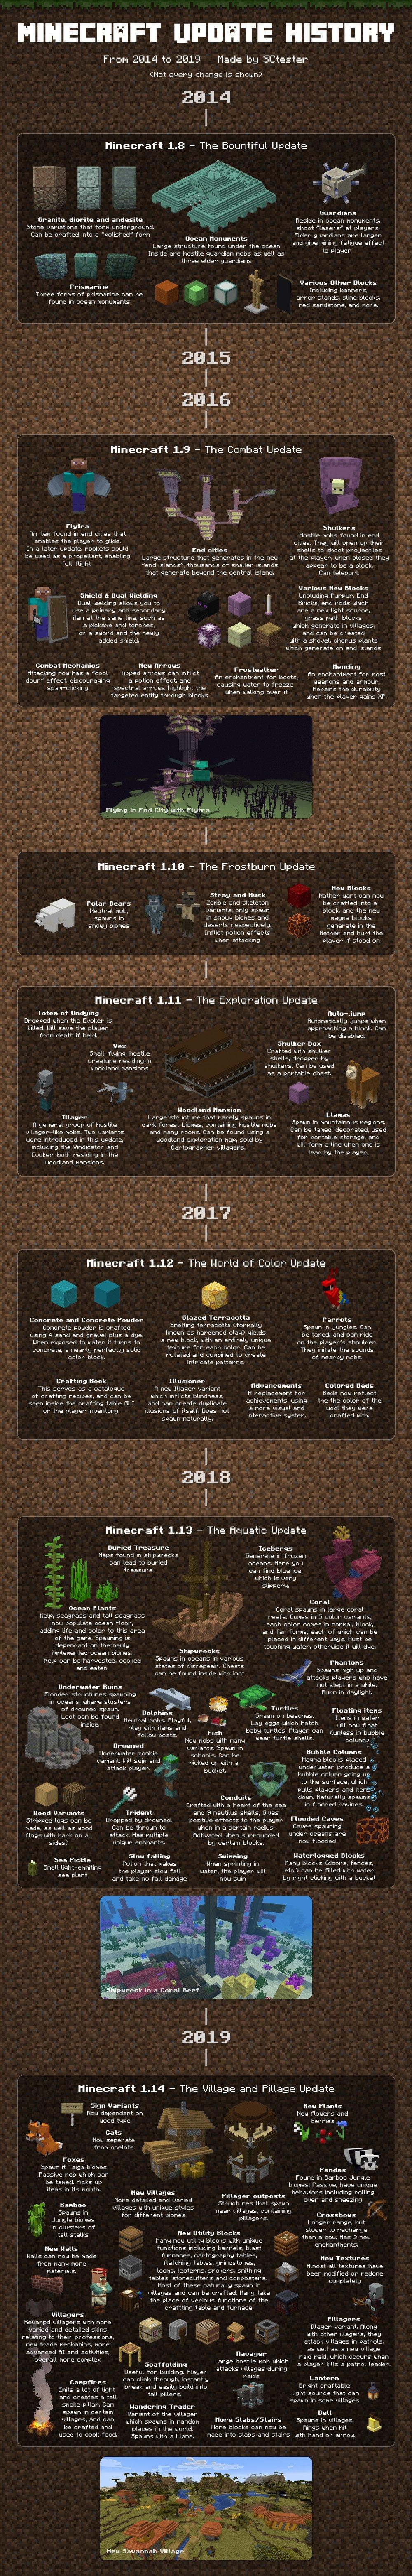 minecraft alle updates tot 2019